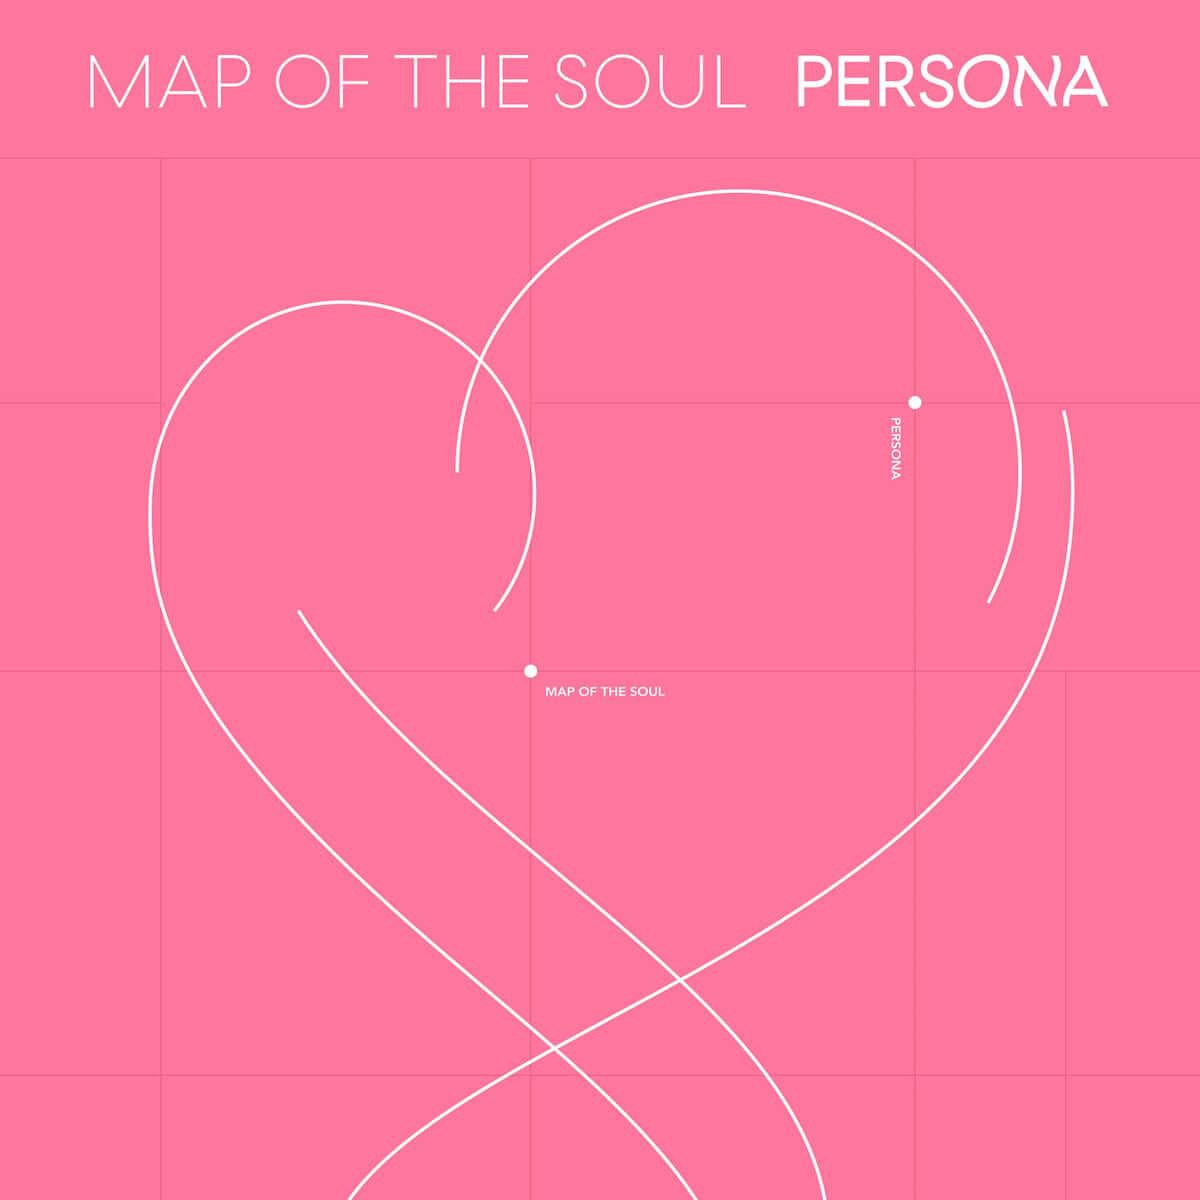 韓国アーティスト初、BTS最新アルバム『MAP OF THE SOUL : PERSONA』イギリスで1位獲得 music190409_bts_main-1200x1200